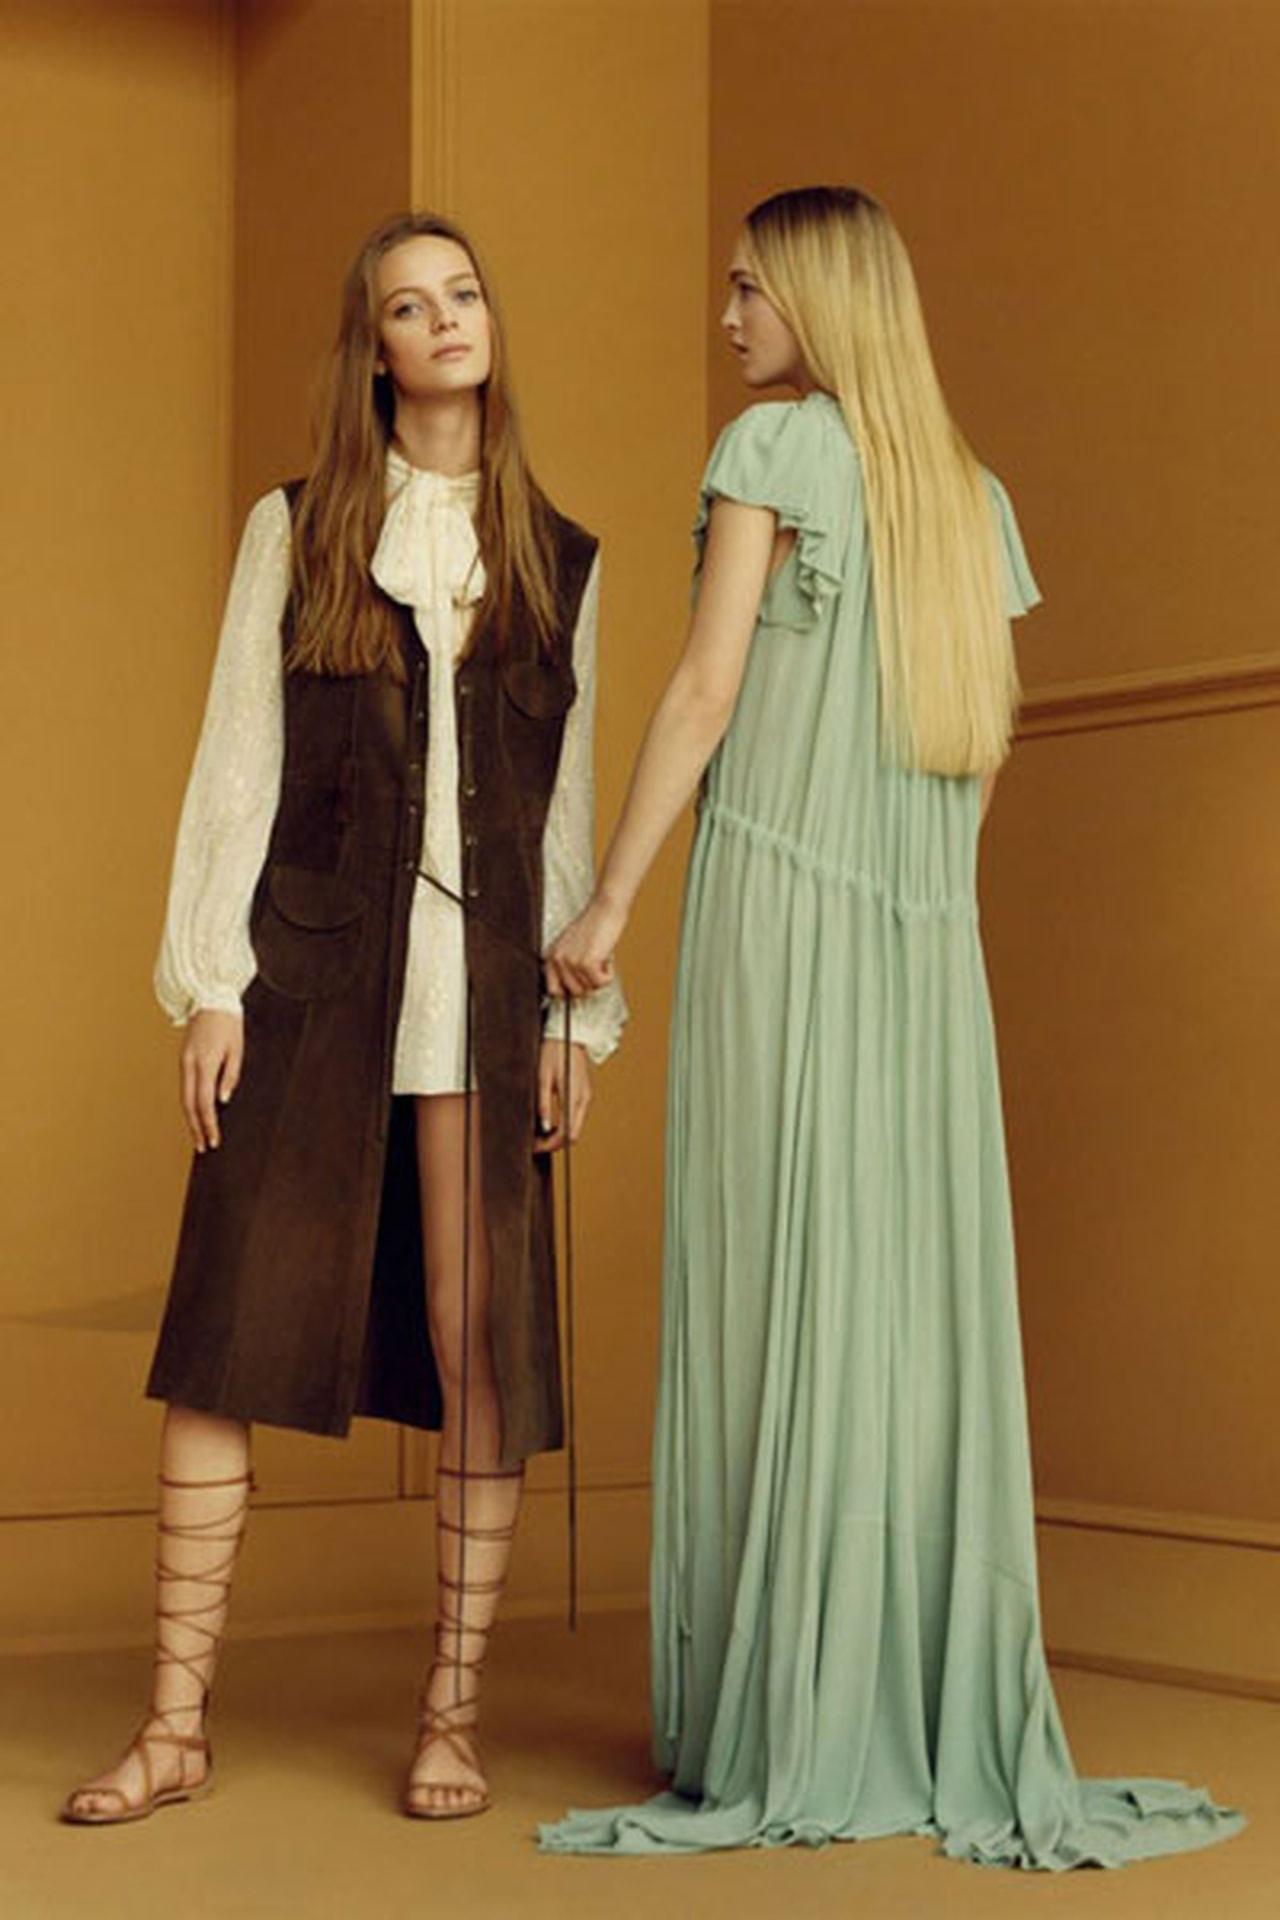 بالصور ازياء فساتين ماركة زارا بلايز 2019 بناطيل ملابس للسهرات تجنن , احدث الصيحات العالمية للموضة 14942 5